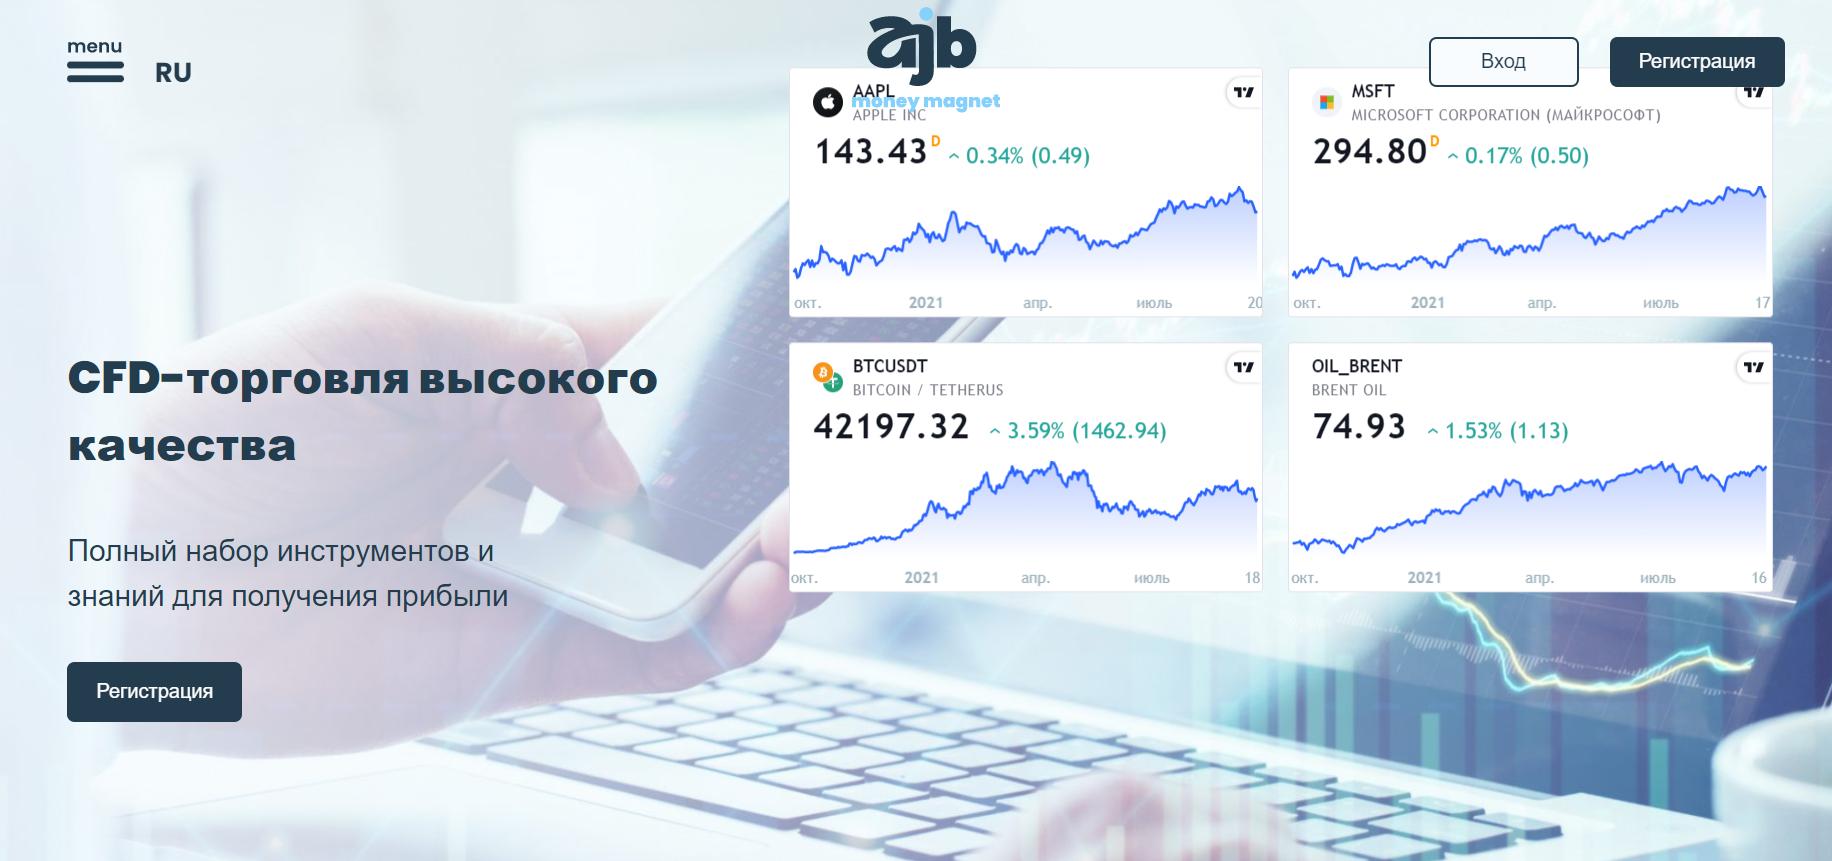 Отзывы об AJB Money Magnet стоит ли инвестировать или обман? реальные отзывы